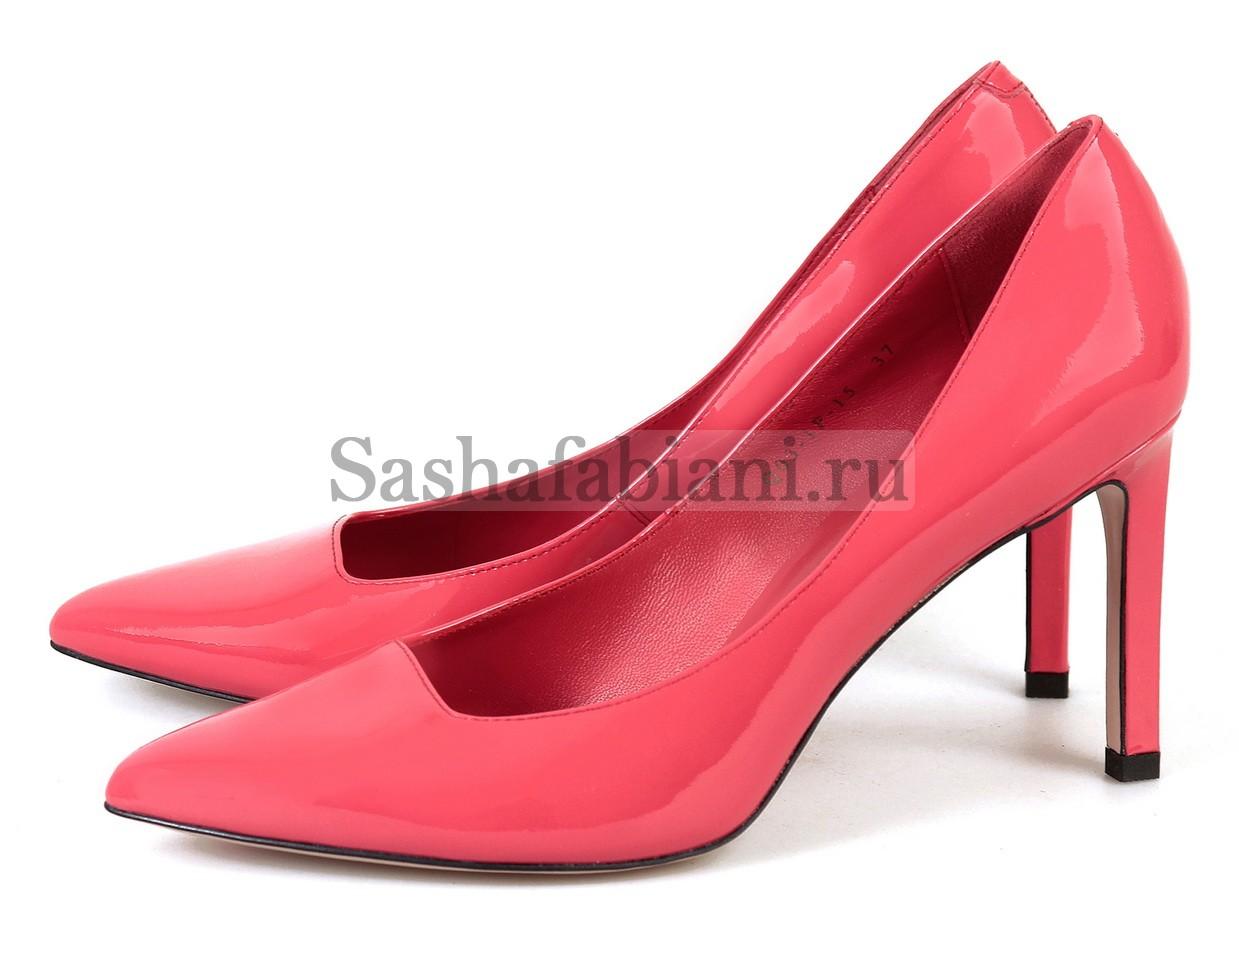 Сбор заказов. Шикарная обувь итальянской ТМ Sasha Fabiani,D Bigioni-3. Без рядов!